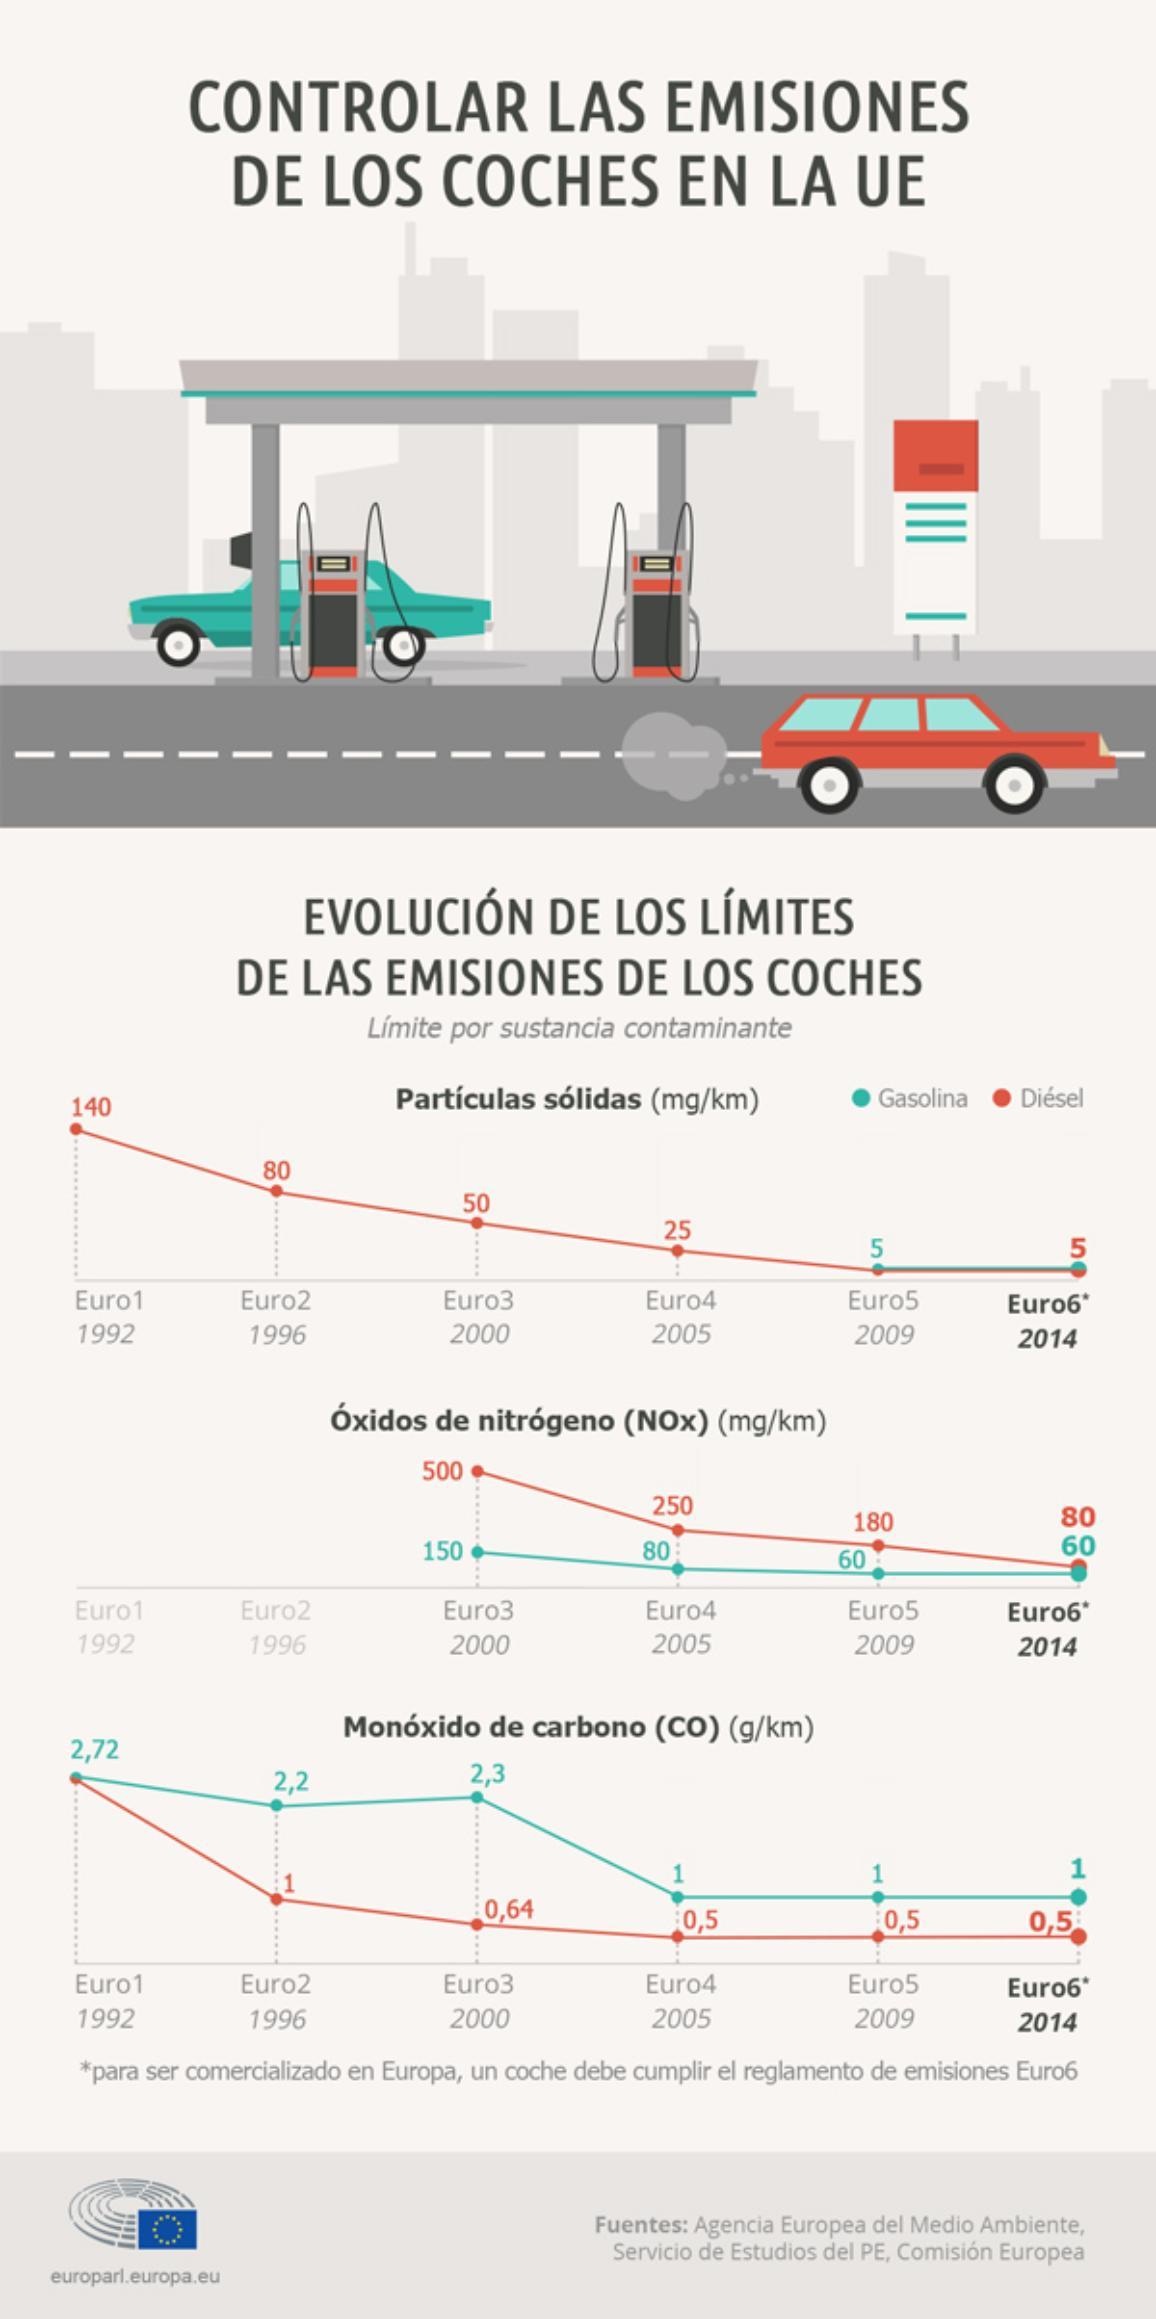 Evolución de los límites de las emisiones de los coches.